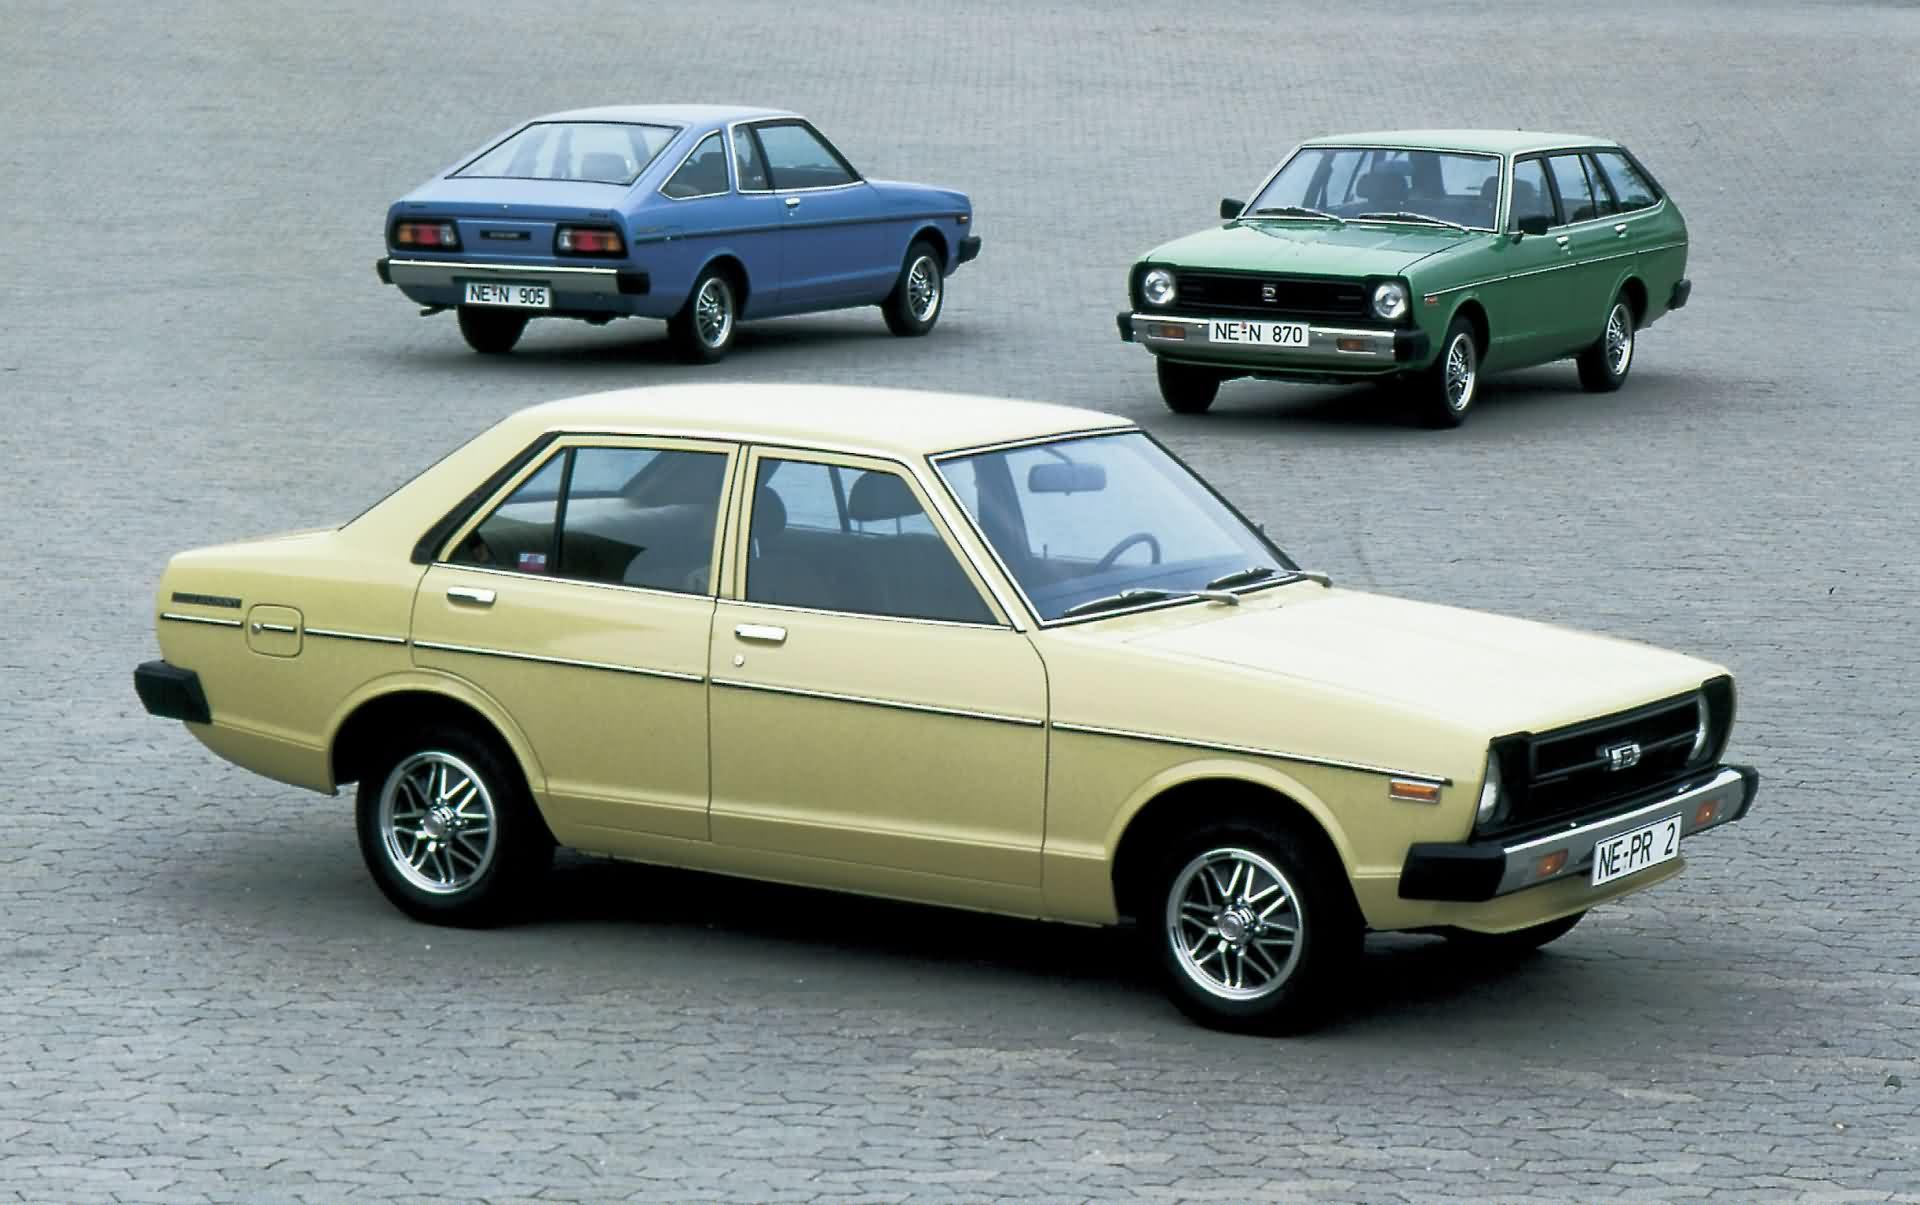 Nissan / Datsun Sunny - Modelle (1979)